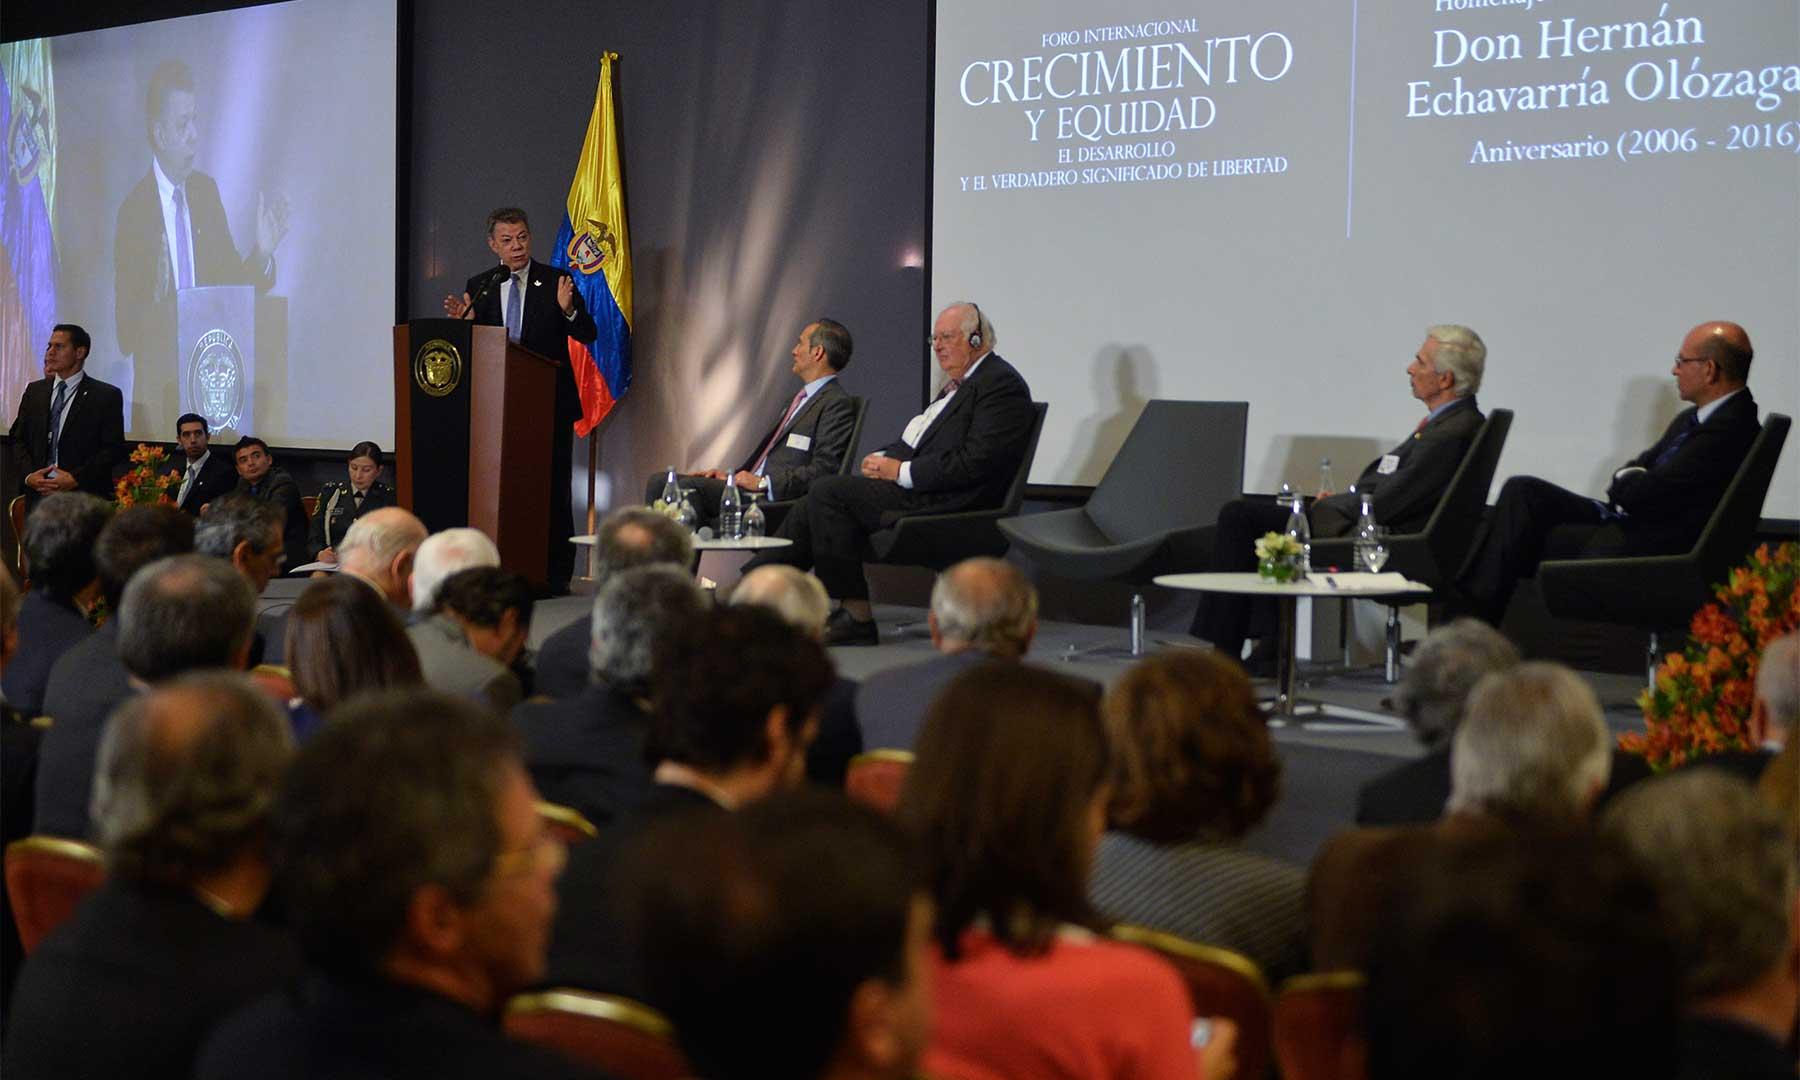 Al intervenir en el Foro Internacional de Crecimiento y Equidad, el Presidente Juan Manuel Santos previó que la paz beneficiará la economía y los indicadores sociales en el país.